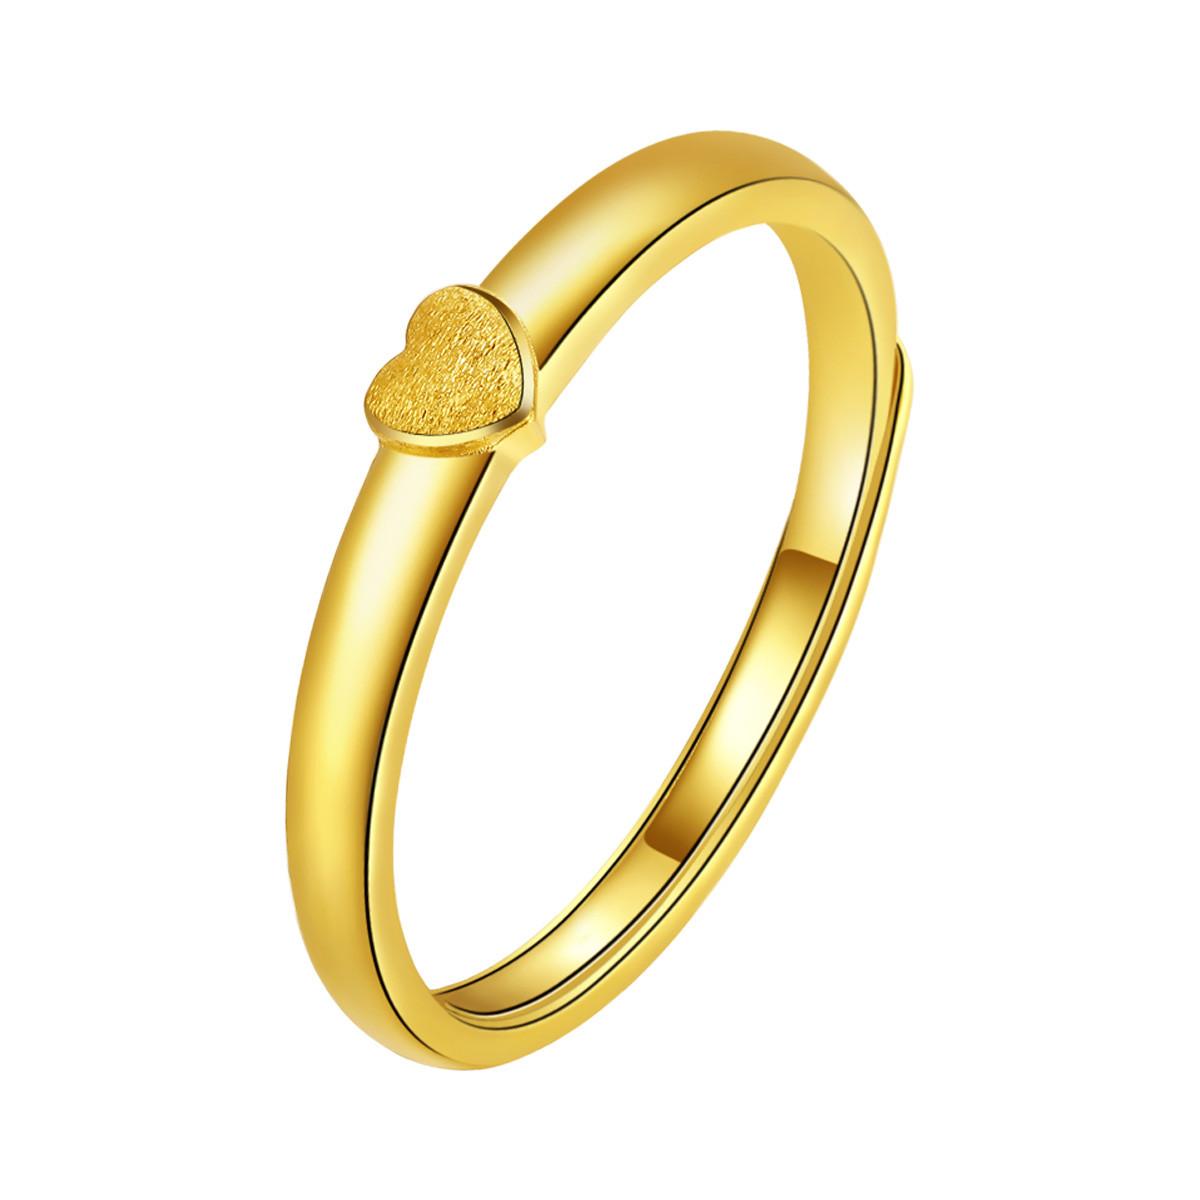 金至尊金至尊 足金爱心黄金戒指 计价DFJZ0124QJ